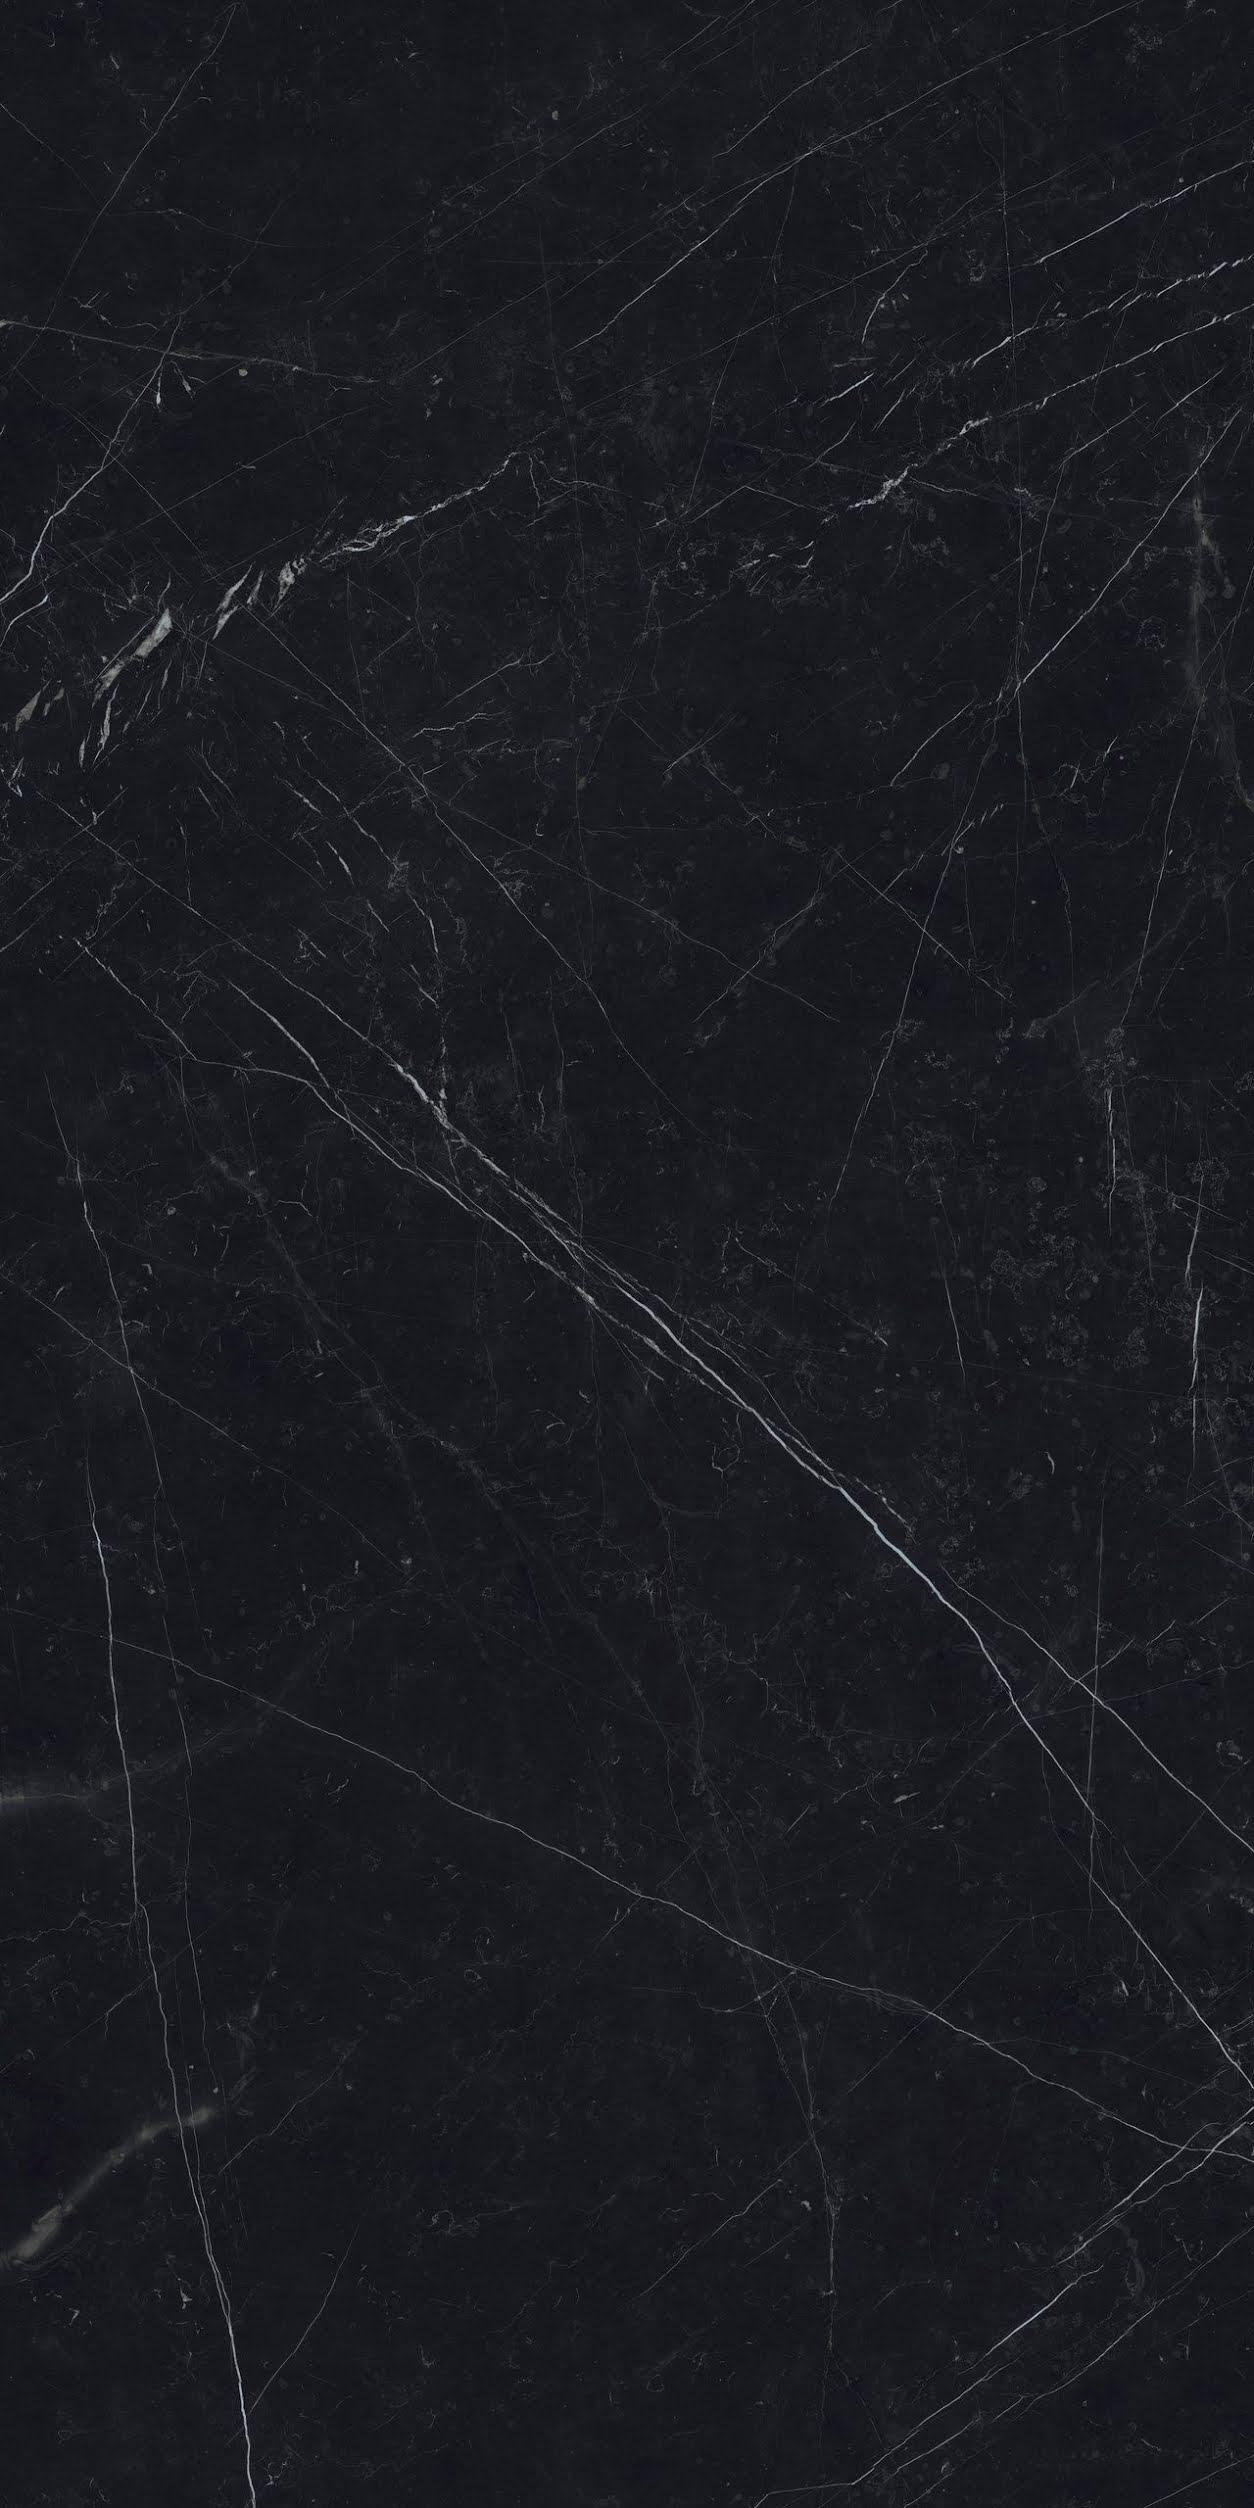 telefon duvar kağıdı telefon duvar kağıtları 2021 telefon duvar kağıdı hd telefon duvar kağıdı 2021 telefon duvar kağıtları 2021 telefon dukanlari telefon duvar kağıtları indir telefon dukani arendaya verilir telefon dukkani telefon duvar kağıtları 2021 hd  en güzel profil resmi 2021 en güzel profil resm 2021 en güzel profil resmleri 2021 en güzel profil resmi manzara 2021 en güzel profil resmi siyah 2021 android telefon duvar kagidi telefon duvar kagitları  telefon duvar kağıdı telefon duvar kağıdı siyah telefon duvar kağıdı çiçekli telefon duvar kağıdı 2021 telefon duvar kağıdı manzara telefon duvar kağıdı hd telefon duvar kağıdı pinterest telefon duvar kağıtları hd telefon duvar kağıdı erkek telefon duvar kağıdı resmi telefon ekran sekilleri telefon ekran sekilleri 2021 telefon ekran qiymetleri telefon ekran resmi telefon ekran temaları telefon ekran sekilleri 2021 telefon ekran şəkilləri ekran sekilleri ekran sekilleri 2021 ekran sekilleri 2020 ekran sekilleri qizlar ucun ekran sekli ekran sekilleri qara ekran sekilleri yukle ekran sekilleri qiz ucun ekran sekilleri instagram ekran saati indir ekran sekilleri ekran sekilleri 2021 ekran sekilleri 2020 ekran sekilleri qizlar ucun ekran sekilleri qara ekran sekilleri yukle ekran sekilleri qiz ucun ekran sekilleri instagram ekran sekilleri canavar ekran sekilleri pinterest  ekran resimle ekran resımlerı telefon android duvar kağıdı android duvar kağıdı uygulaması android duvar kağıtları hd android duvar kağıdı değiştirme android duvar kağıdı boyutu android duvar kağıdı sığdırma android duvar kağıtları hangi klasörde android duvar kağıdı kaldırma android duvar kağıdı ayarlama ios duvar kağıtları ios duvar kağıtları hd ios duvar kağıdı uygulaması ios duvar kağıtları 4k ios duvar kağıdı hd ios duvar kağıdı 4k ios duvar kağıtları orjinal ios duvar kağıtları yeni ios duvar kağıdı 6s ios duvar kağıdı uygulama hd duvar kağıtları hd duvar kağıtları telefon hd duvar kağıtları pc hd duvar kağıtları iphone hd duvar kağıtları 4